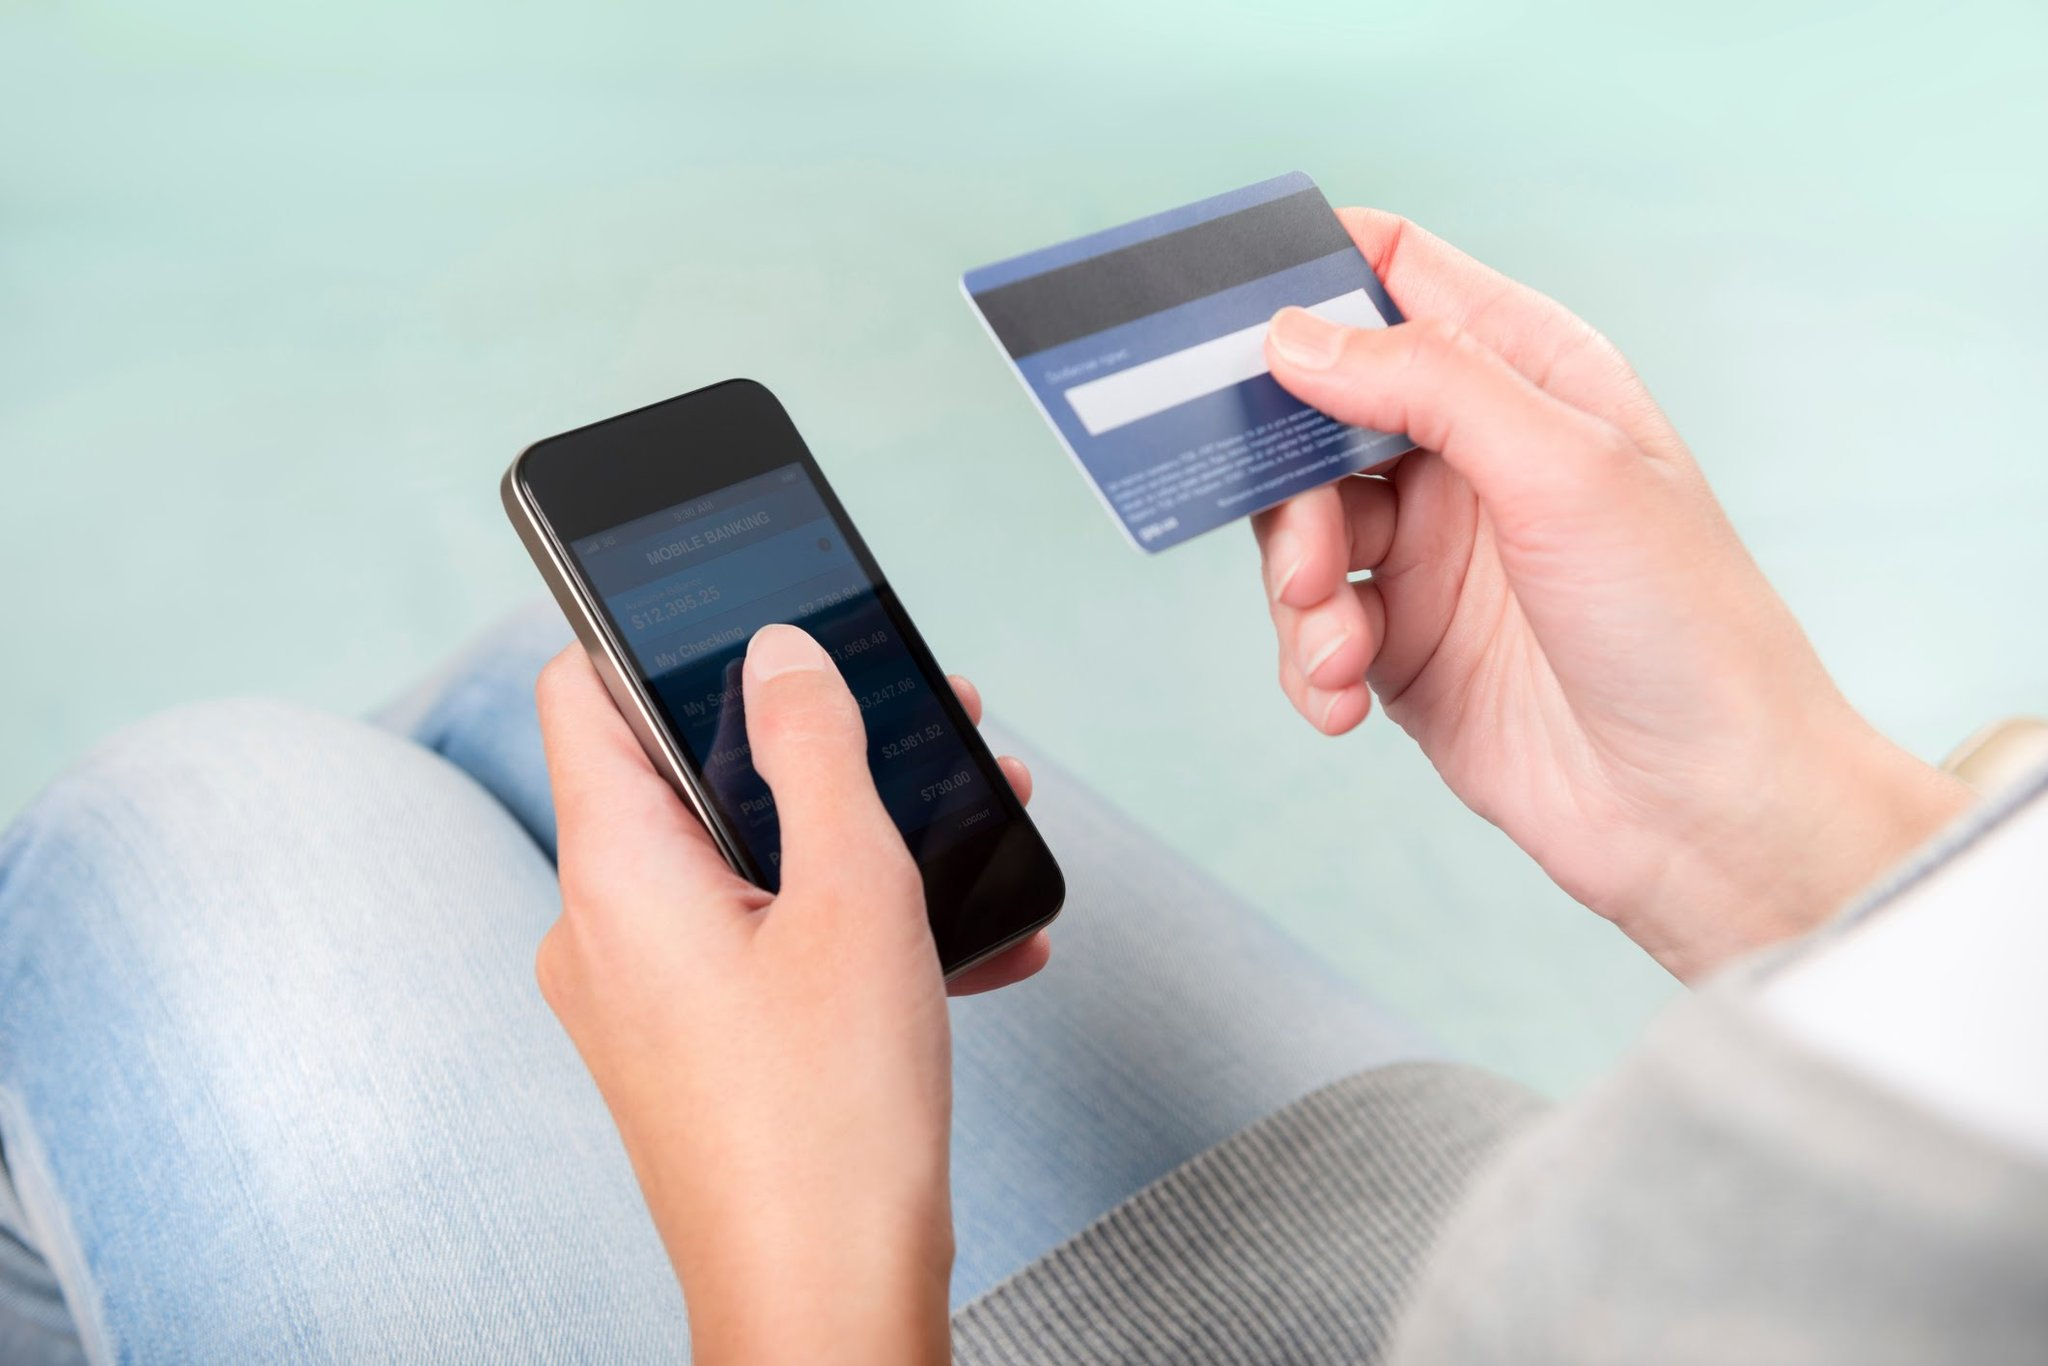 Мошенничество через мобильный банк